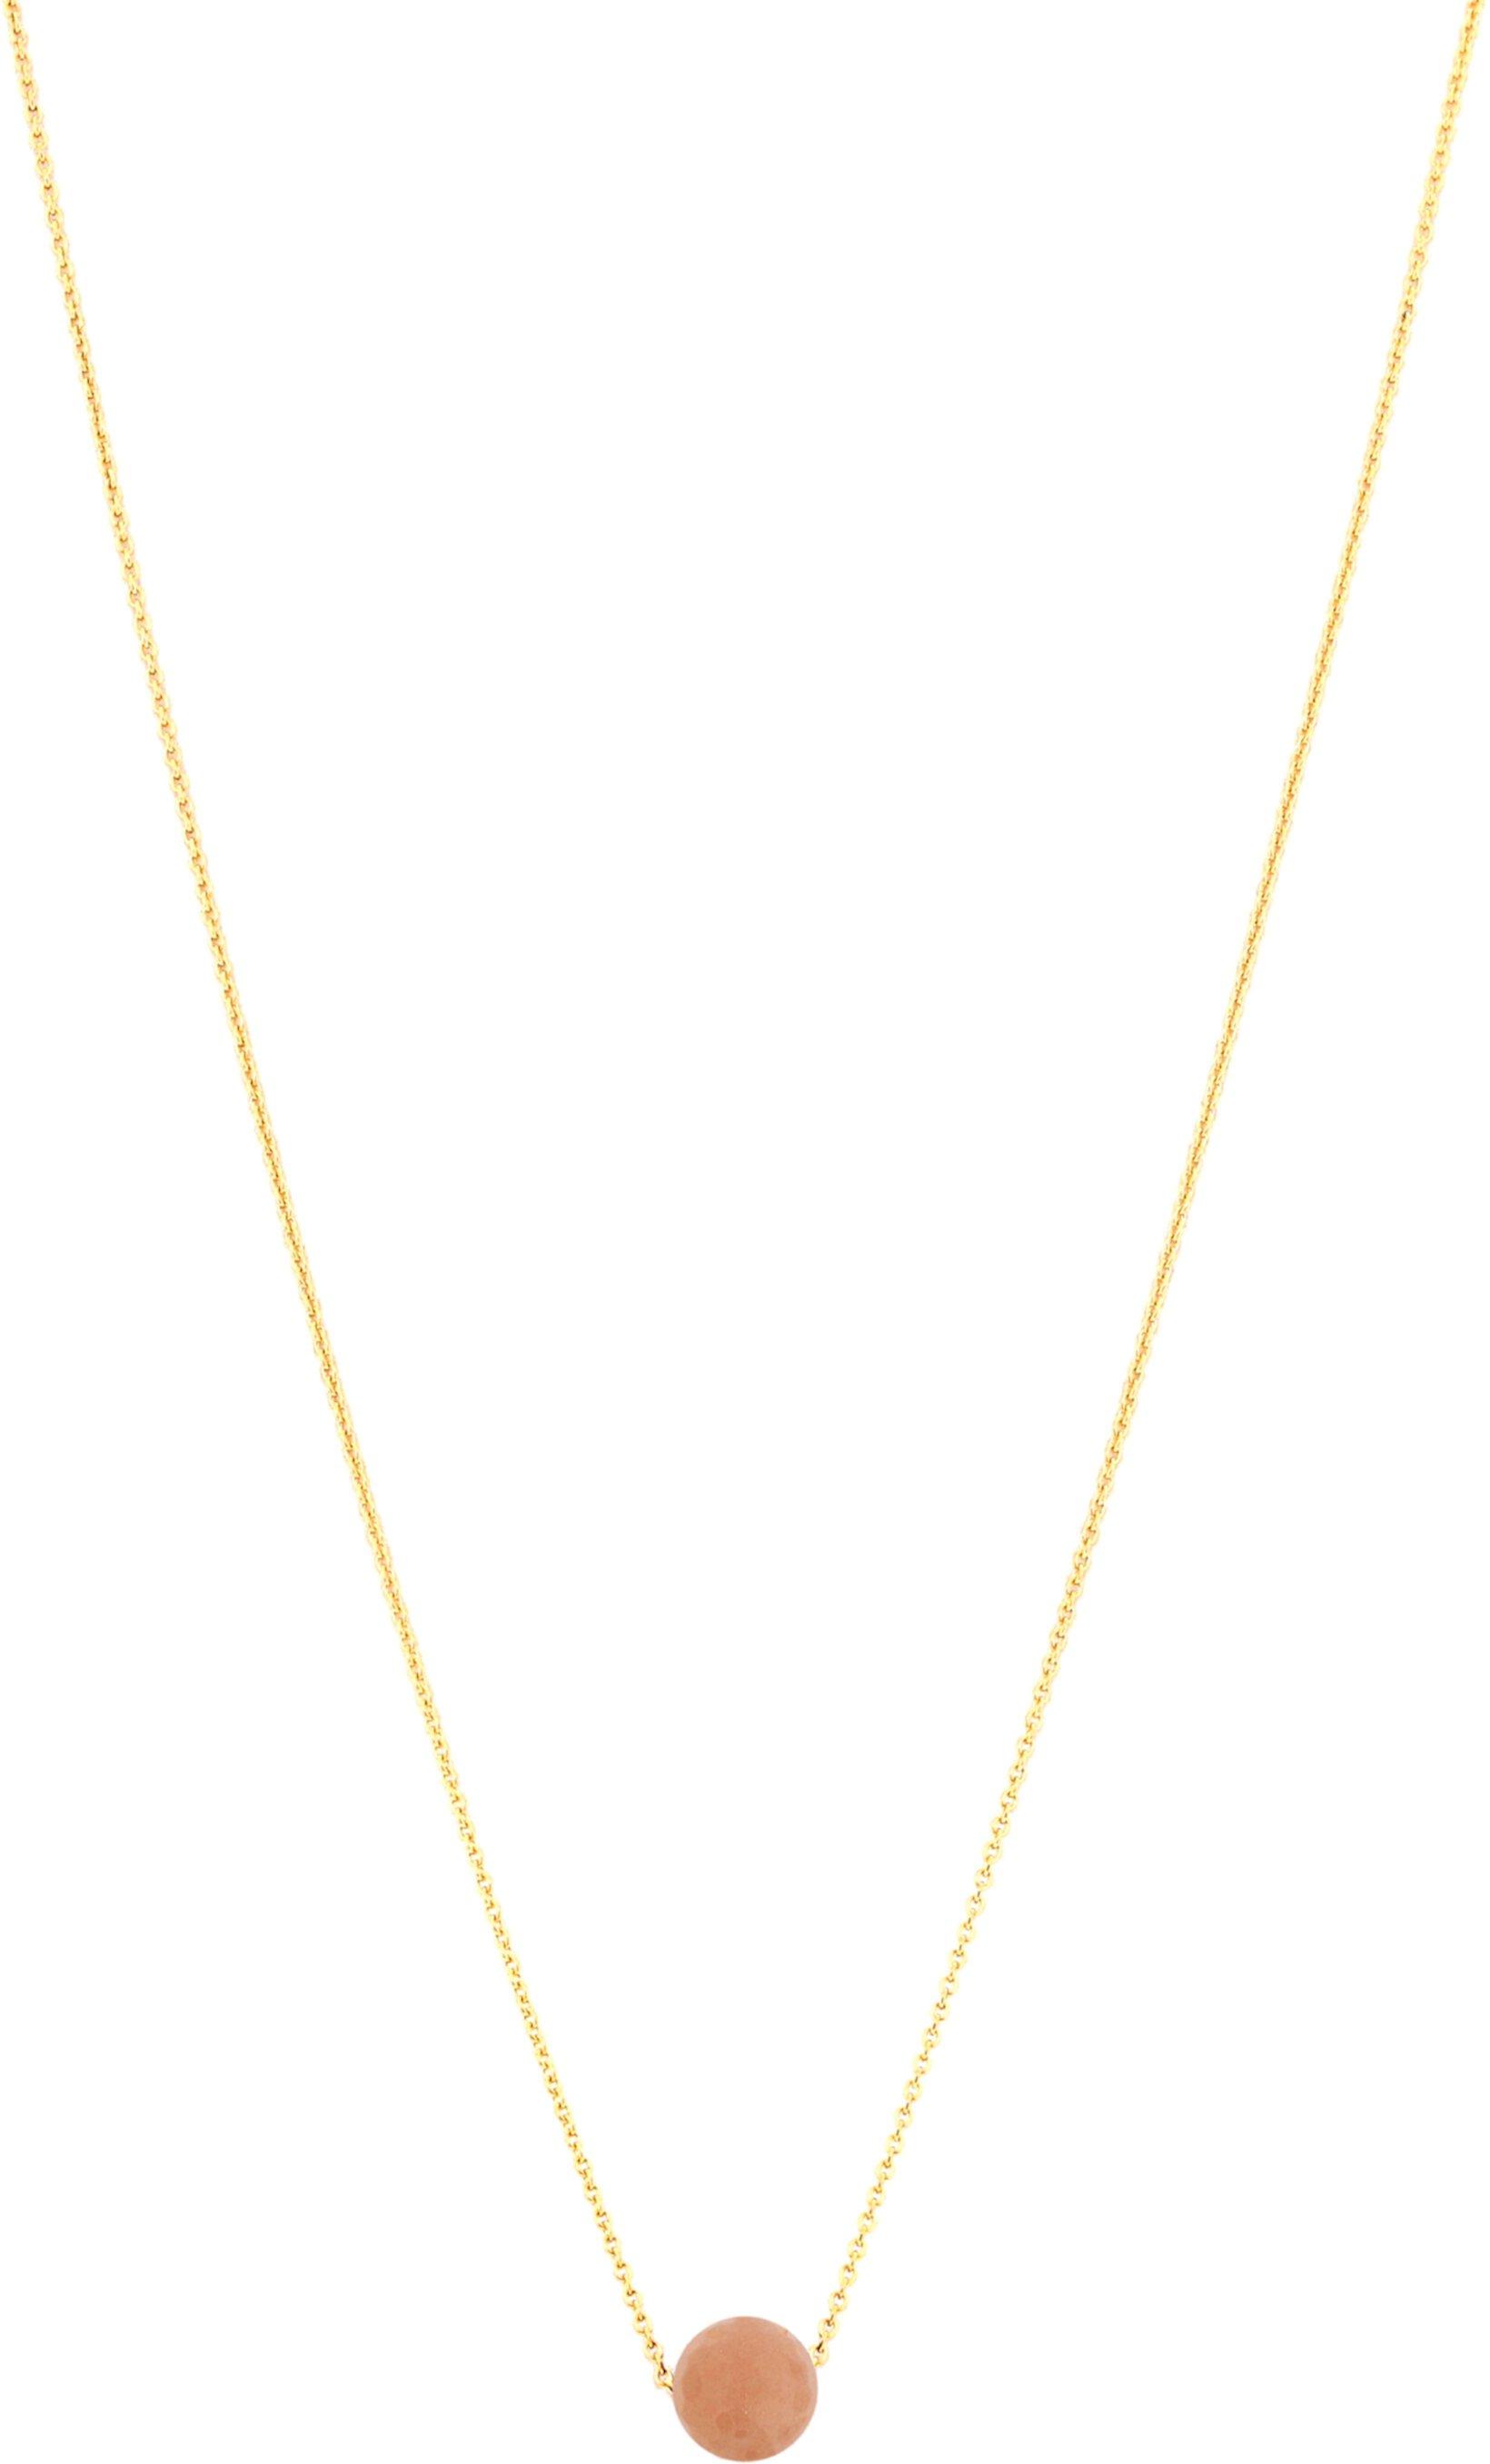 Ожерелье с драгоценным камнем One Love, 18 дюймов, персик, лунный камень Dee Berkley